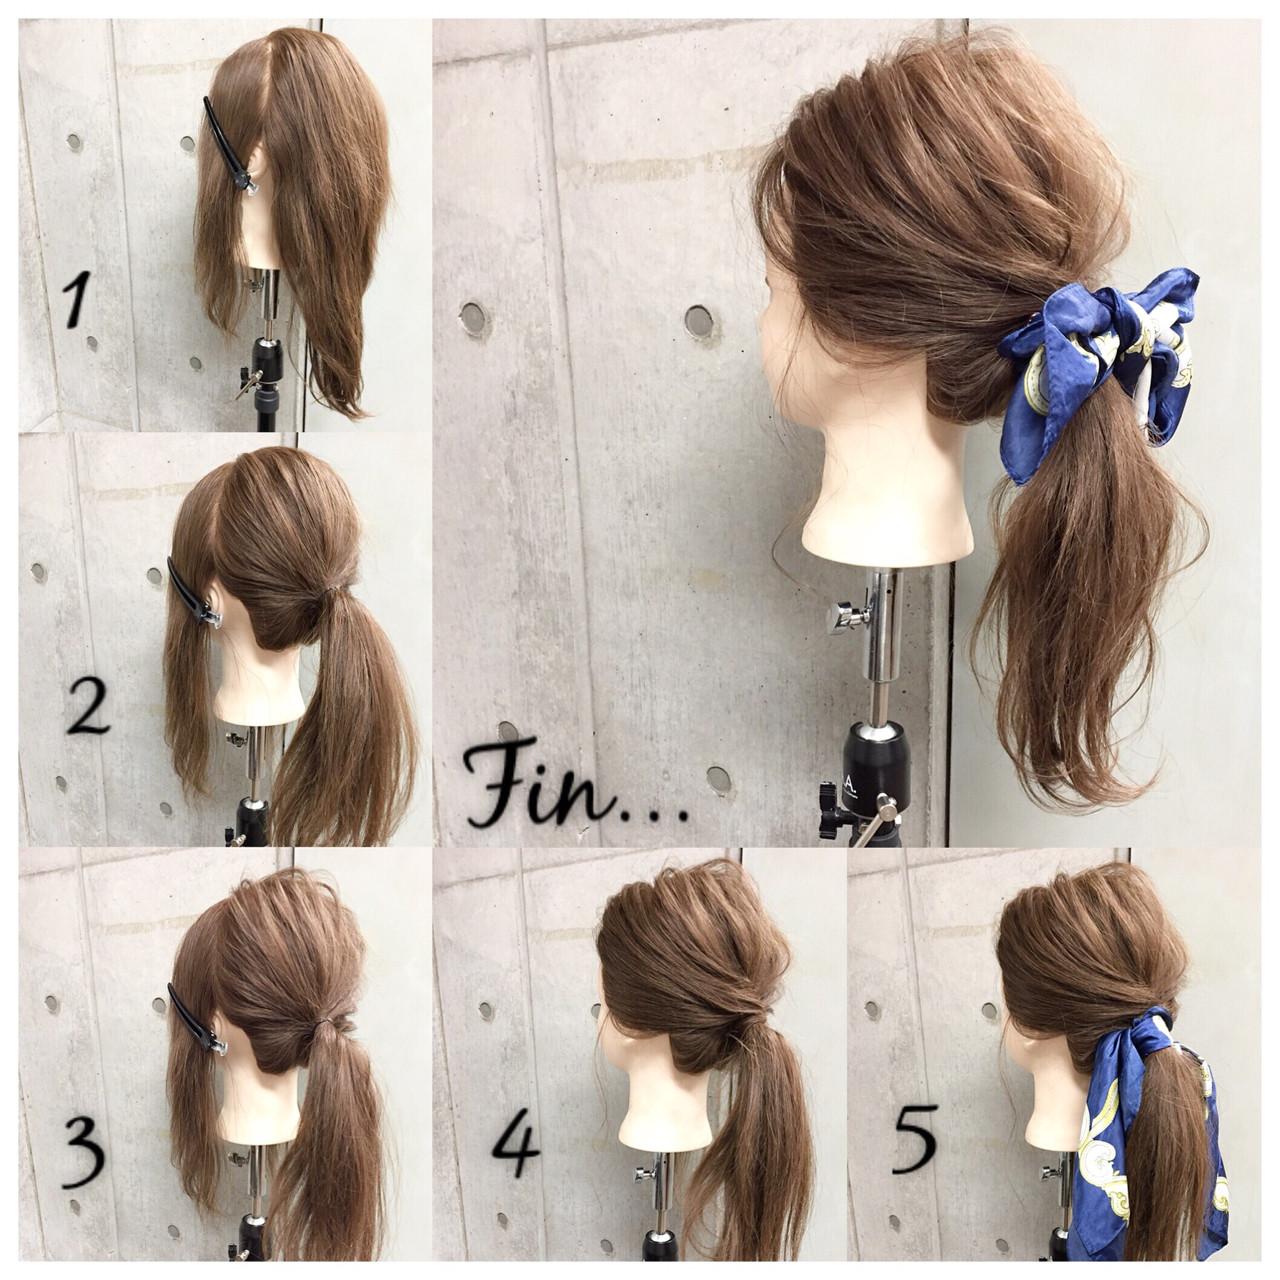 簡単で可愛い?自分でできるヘアアレンジ✨ スカーフシリーズpart4? シンプルなひとつ結びもスカーフ使いでグッと大人っぽい雰囲気が楽しめるカジュアルスタイル✂︎ ・ ピン2本・スカーフ・ゴム1本 所有時間5分 1.両サイドとバックの3つに分けます。 2.バックの髪を毛束をねじってからゴムで1つに結びます 3.結び目を抑えながら毛束を適度にほぐします 4.両サイドの髪を2の結び目に巻きつけてピンで留めます※逆サイドも同様に 5.結び目にスカーフを結びます Fin.スカーフはリボン結びにして最初に下ろしておいたおくれ毛をコテで巻いて完成? ・ ・ 吉祥寺 LinobyU-REALM リノバイユーレルム ?0422272131 東海林翔太